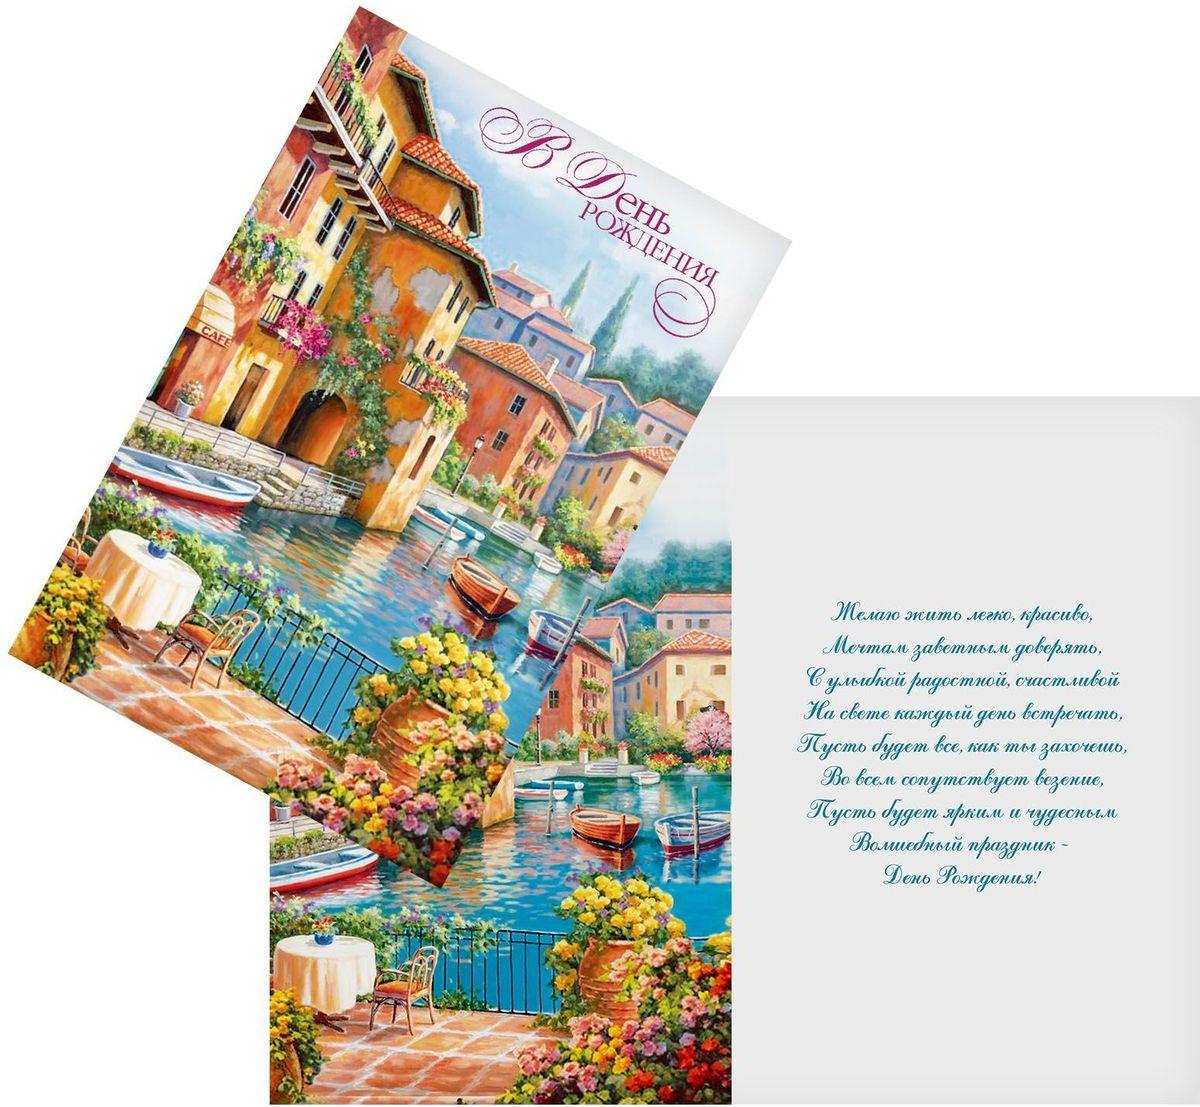 Открытка Дарите cчастье В день рождения. Венеция, 12 х 18 см1744806Выразить свои чувства и дополнить основной подарок теплыми словами вам поможет открытка С Днем Рождения, с ней ваше пожелание Счастья, любви и здоровья приобретет трепетный и душевный подтекст. А воспоминания о праздничном дне еще долго будут радовать адресата.